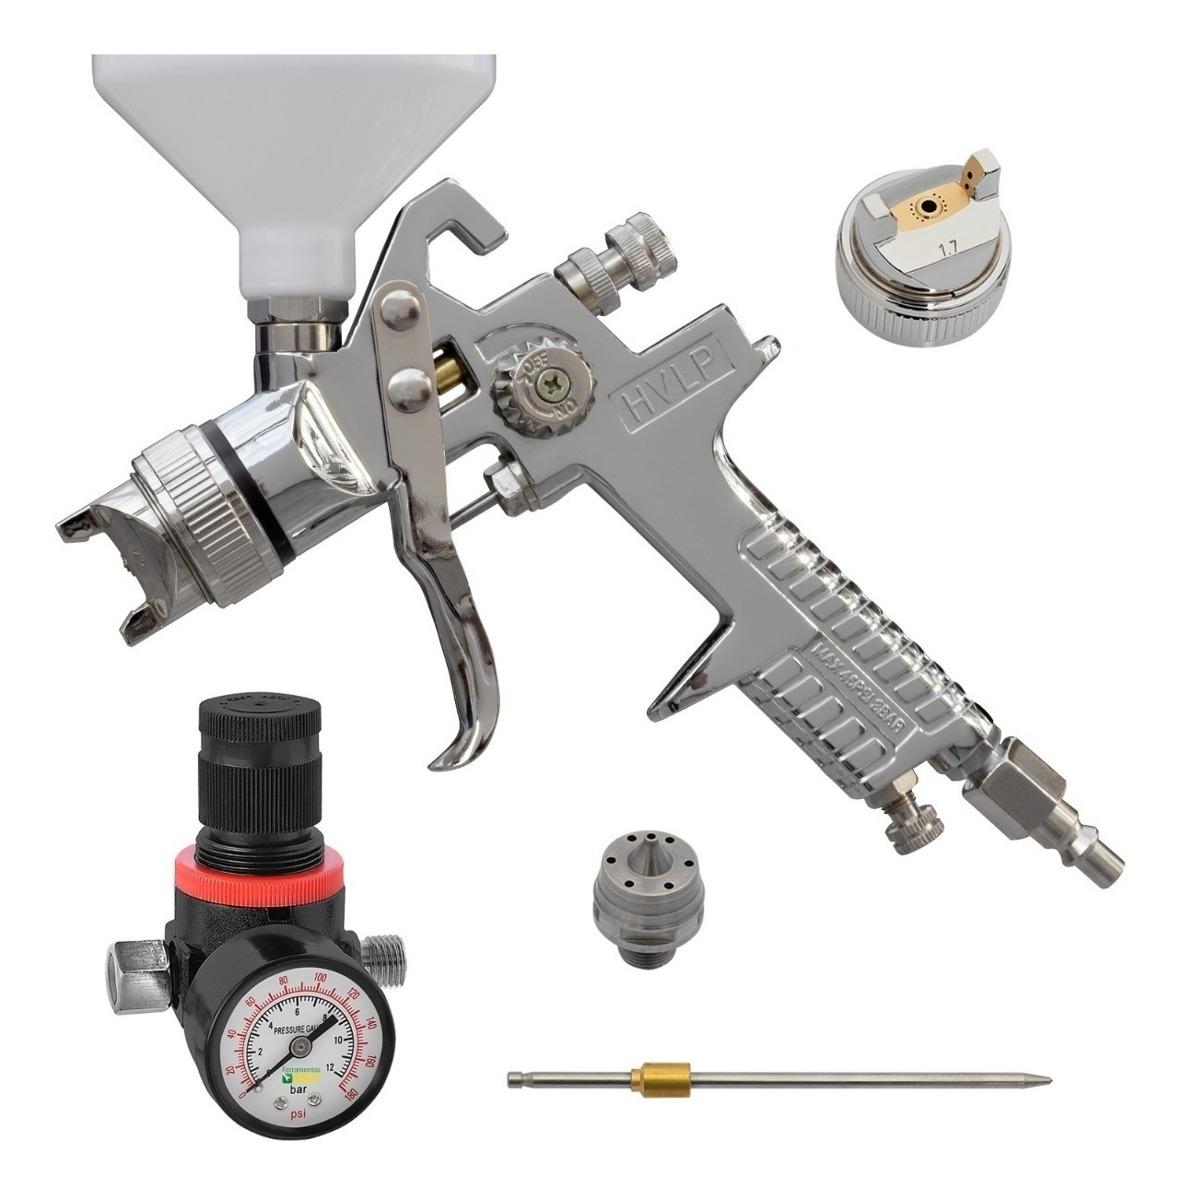 Pistola De Pintura Hvlp Modelo SH0225 SH Ferramentas + Kit bico capa e agulha + Regulador de pressão - Ferramentas MEP